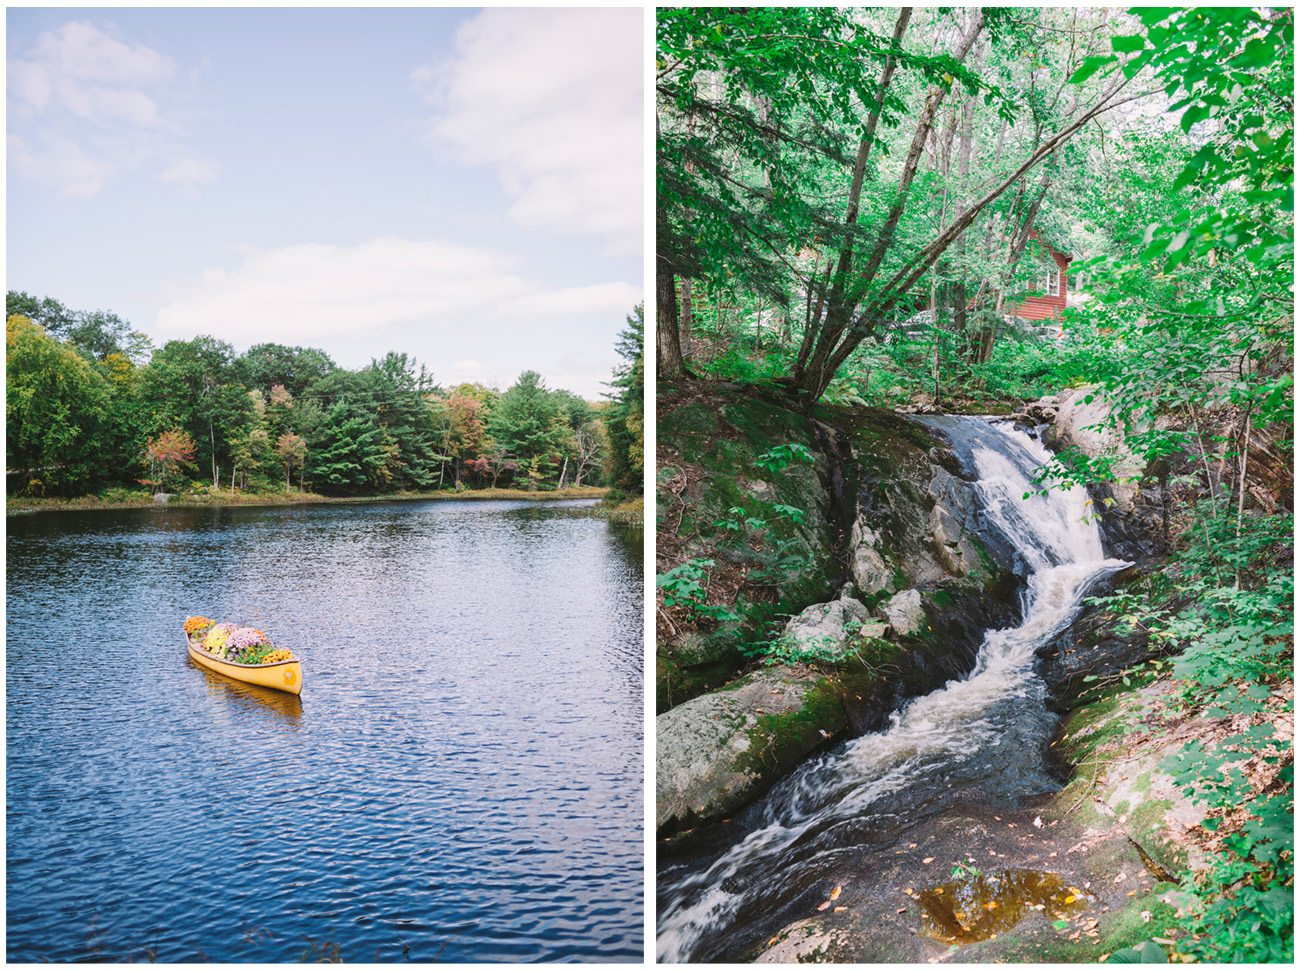 Lake and Creek at Trillium Resort and Spa